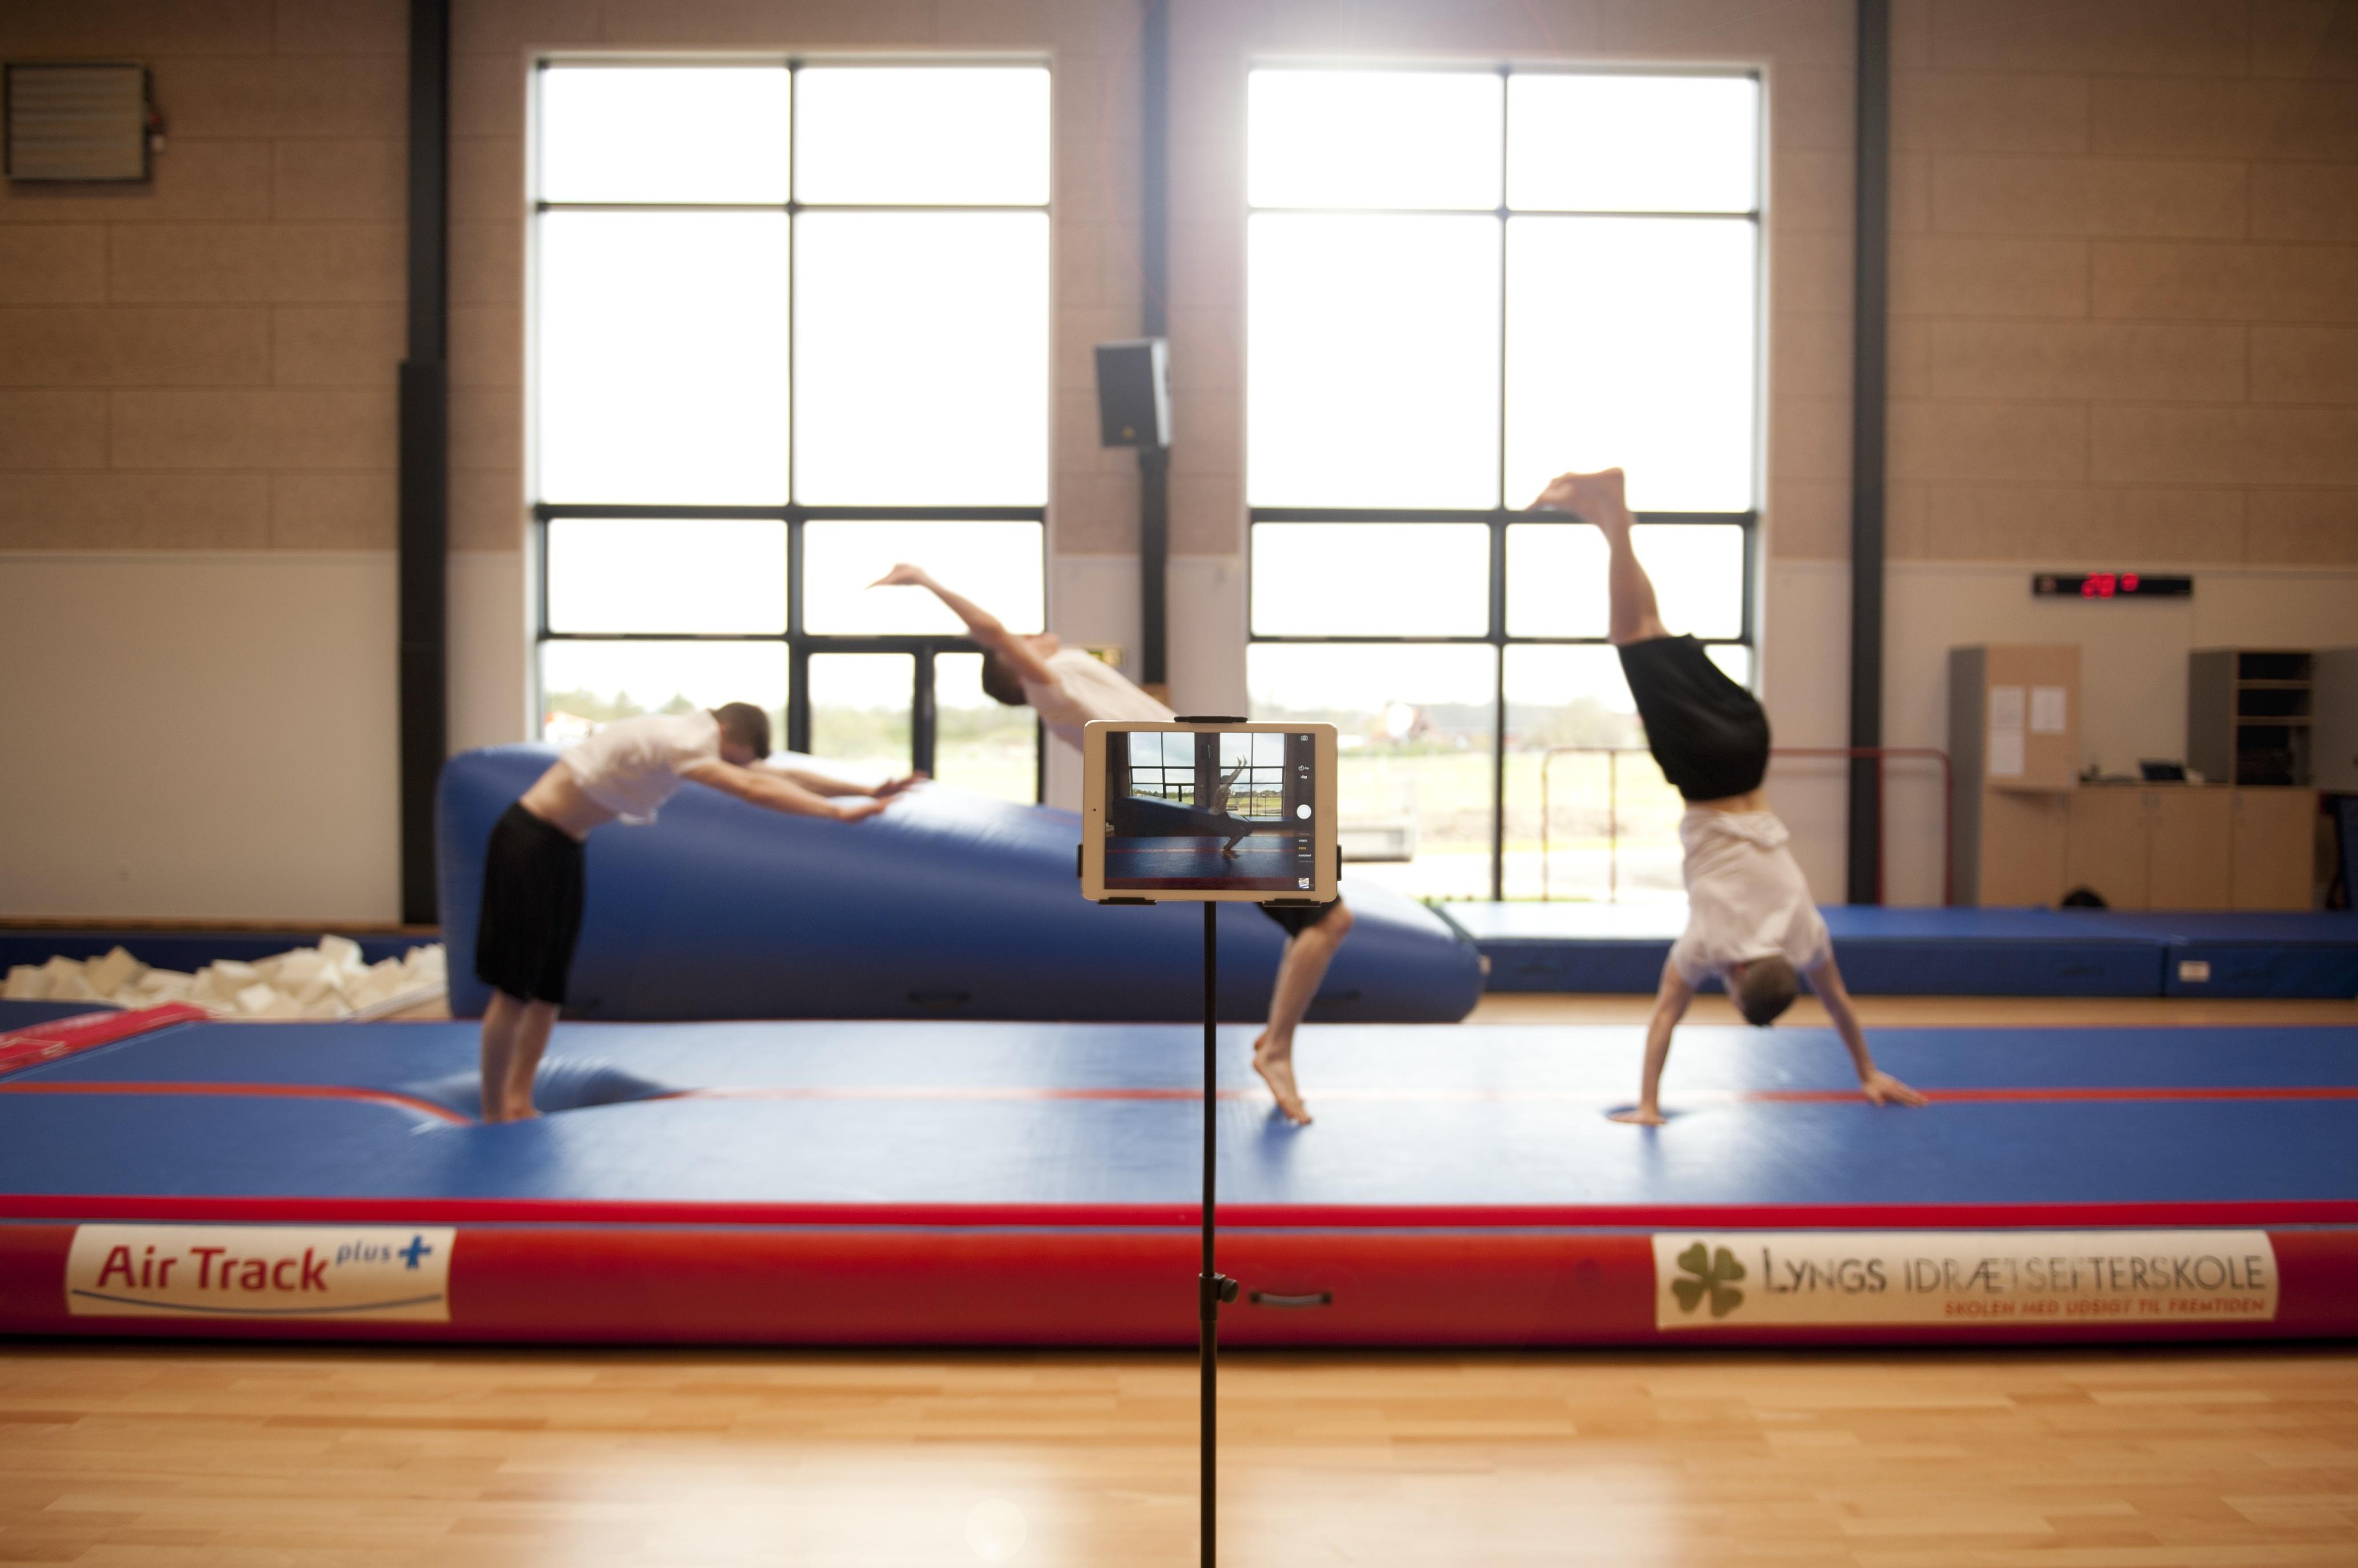 Gymnastik og Spring på Lyngs